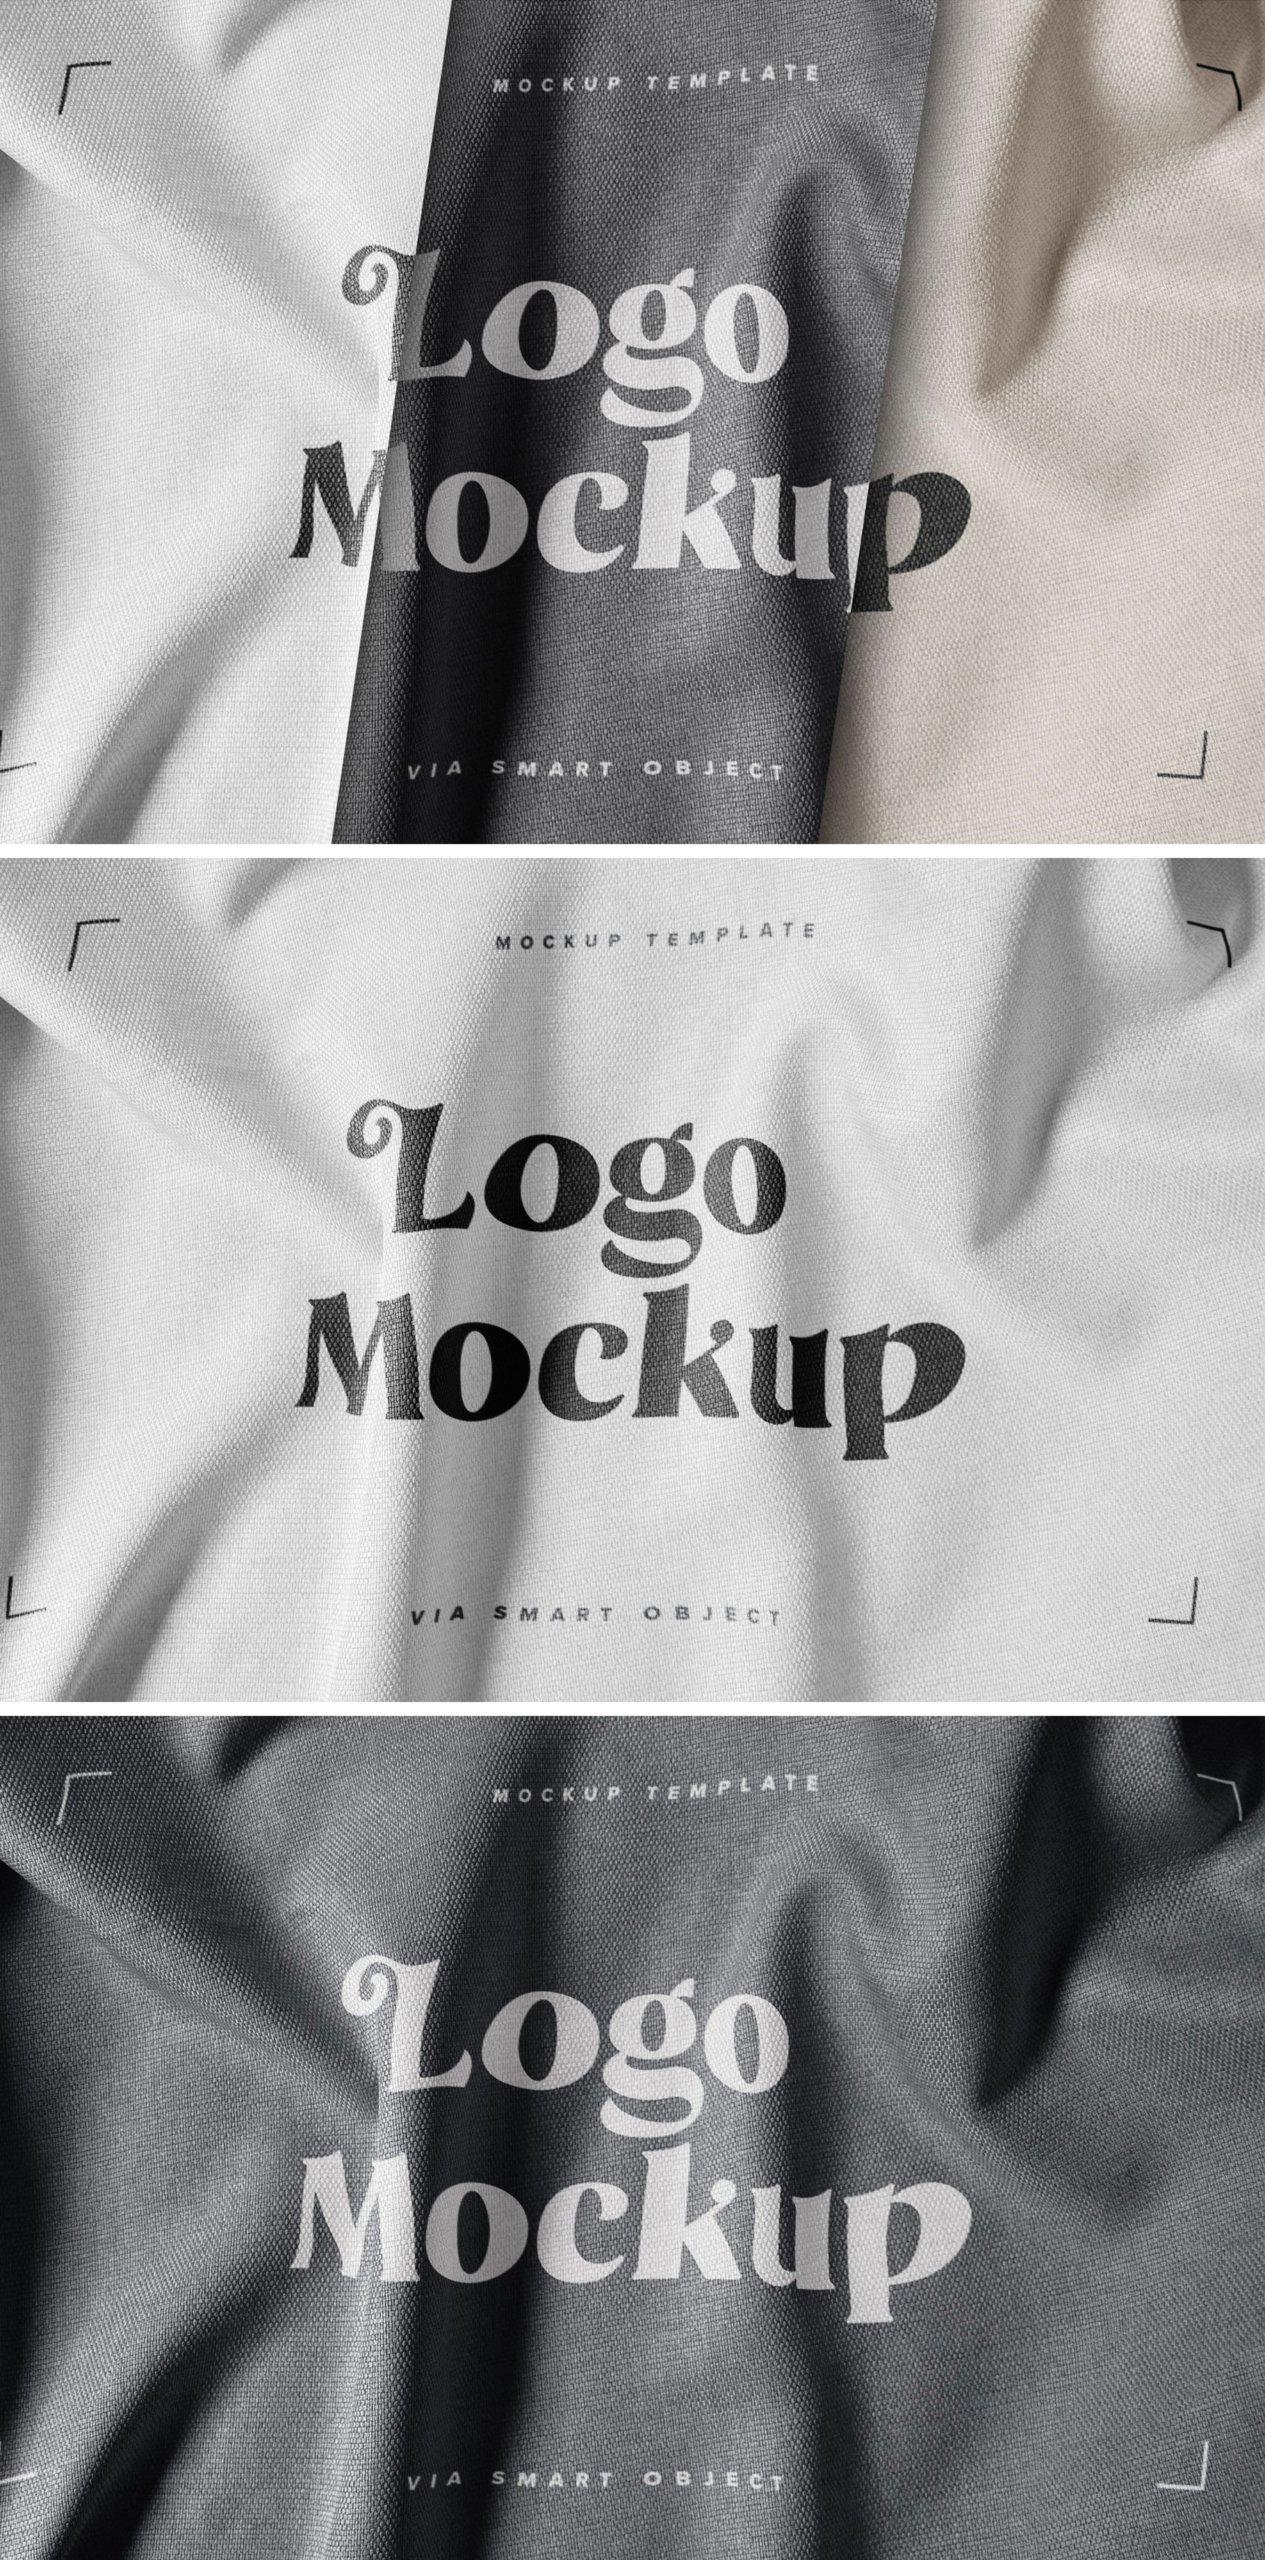 逼真纺织面料效果徽标Logo设计展示样机模板 Fabric Print Logo Mockup Set插图5